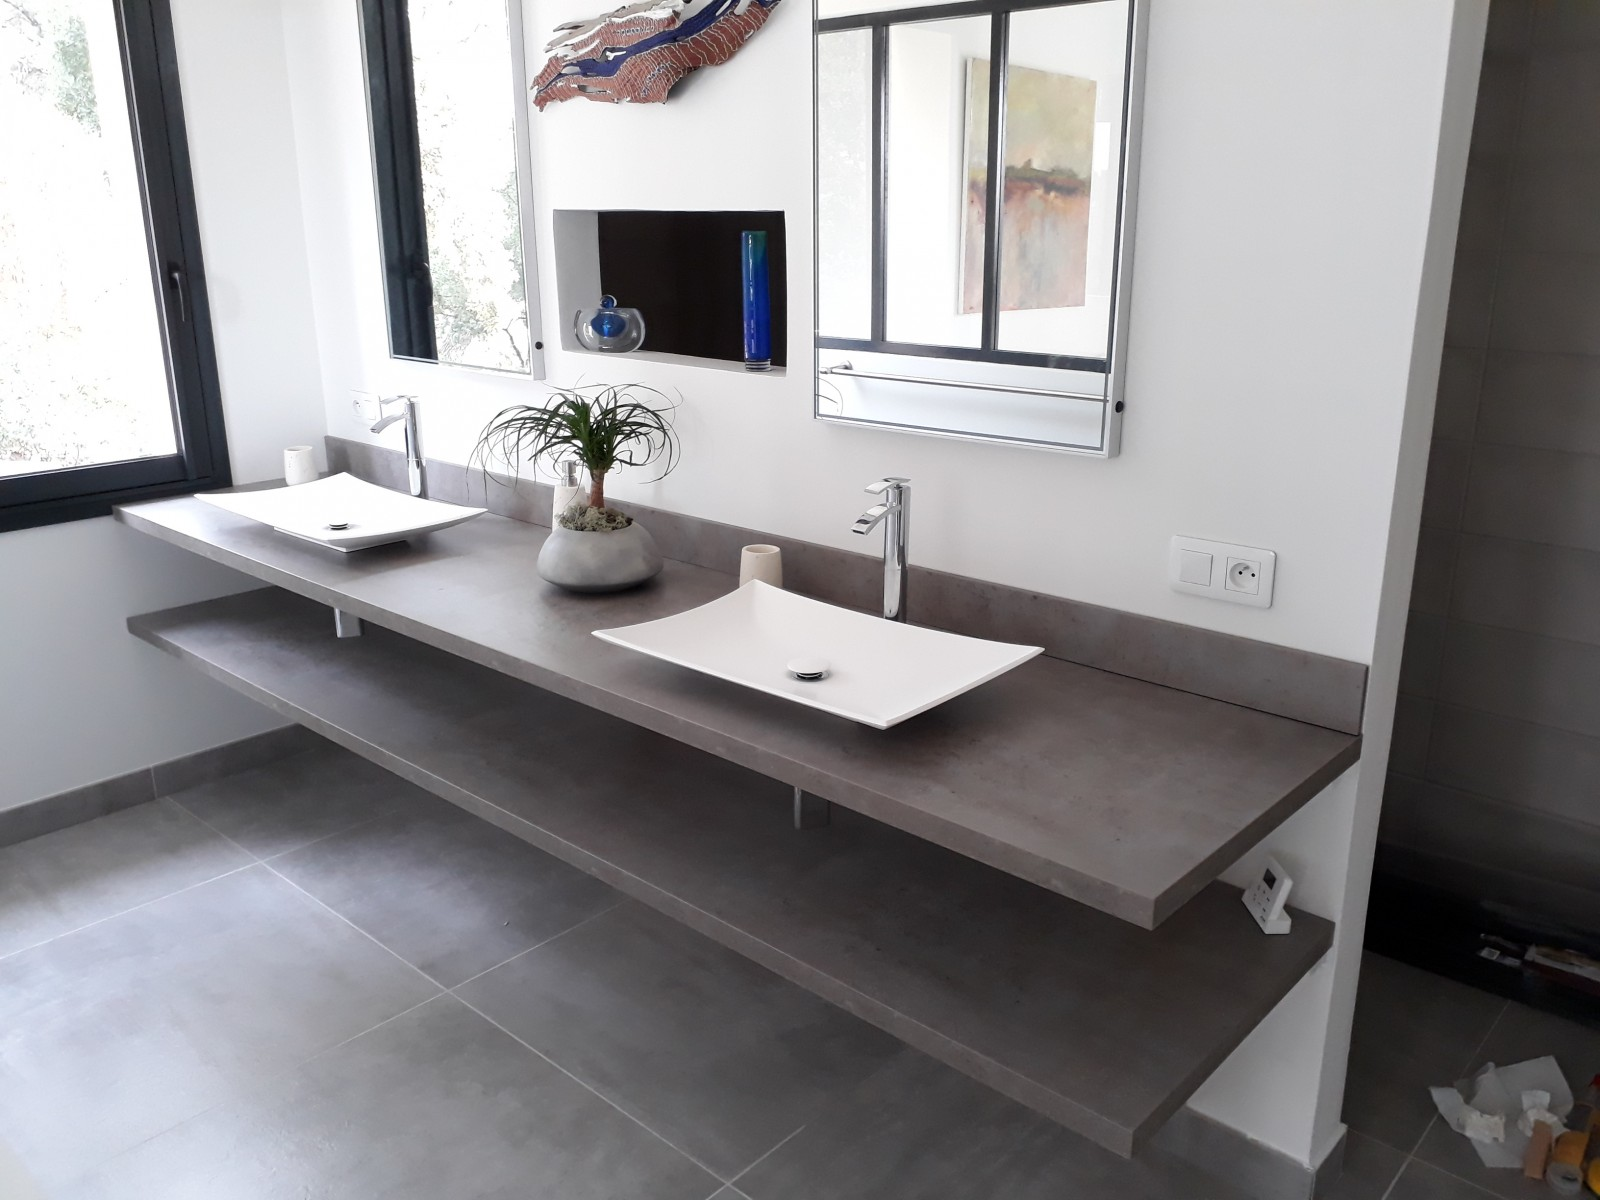 modulocuisine bain plan de travail et fa ade sur mesure quipements pour votre cuisine et. Black Bedroom Furniture Sets. Home Design Ideas